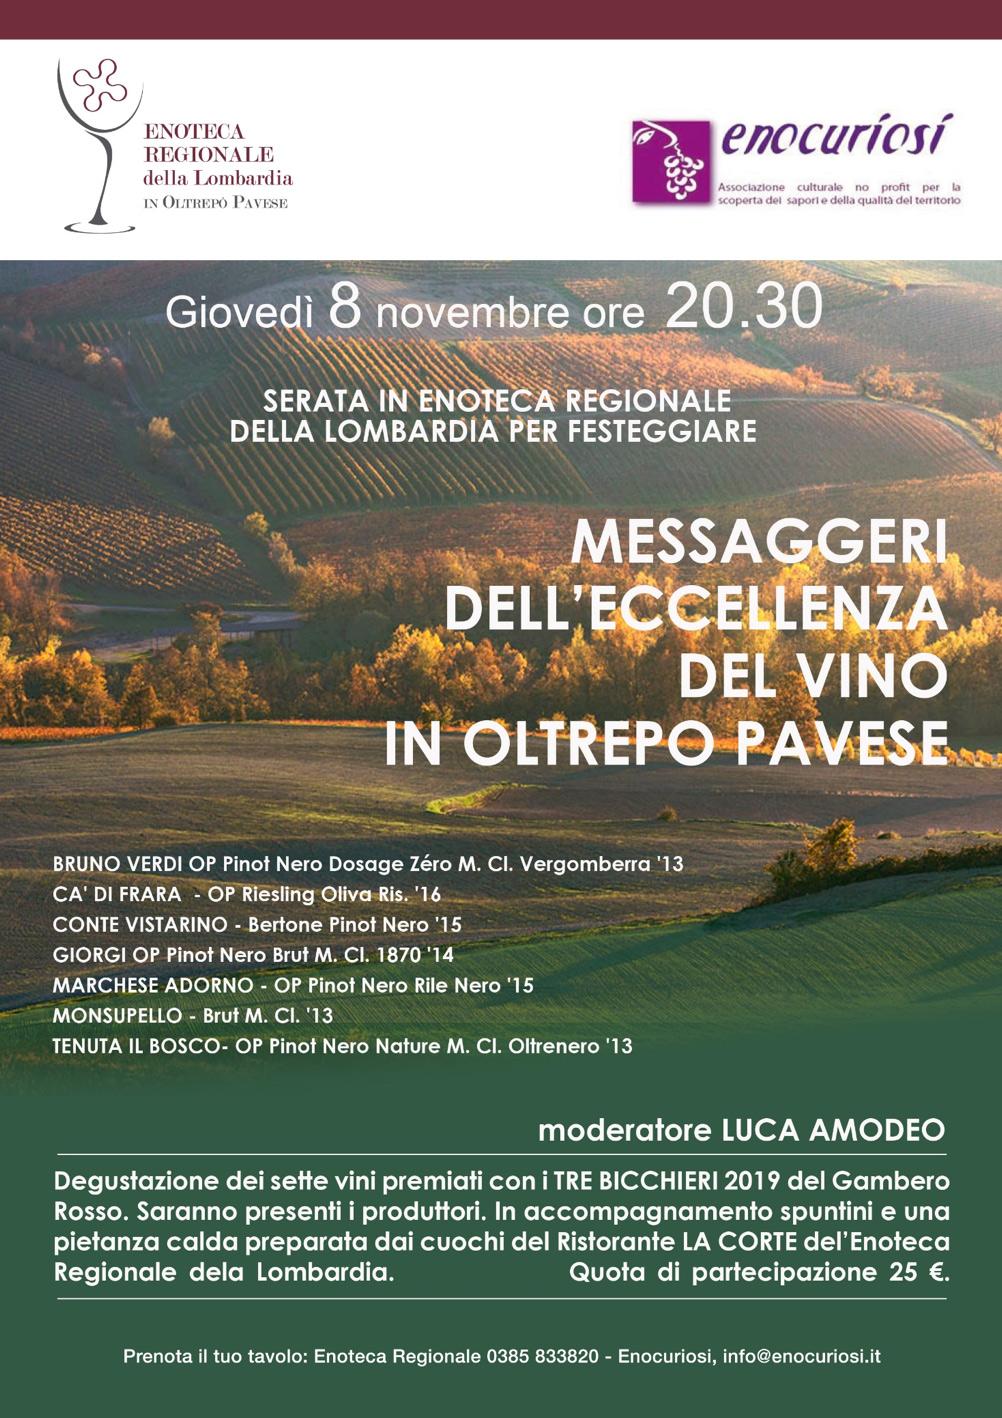 Messaggeri dell'eccellenza del vino in Oltrepò pavese